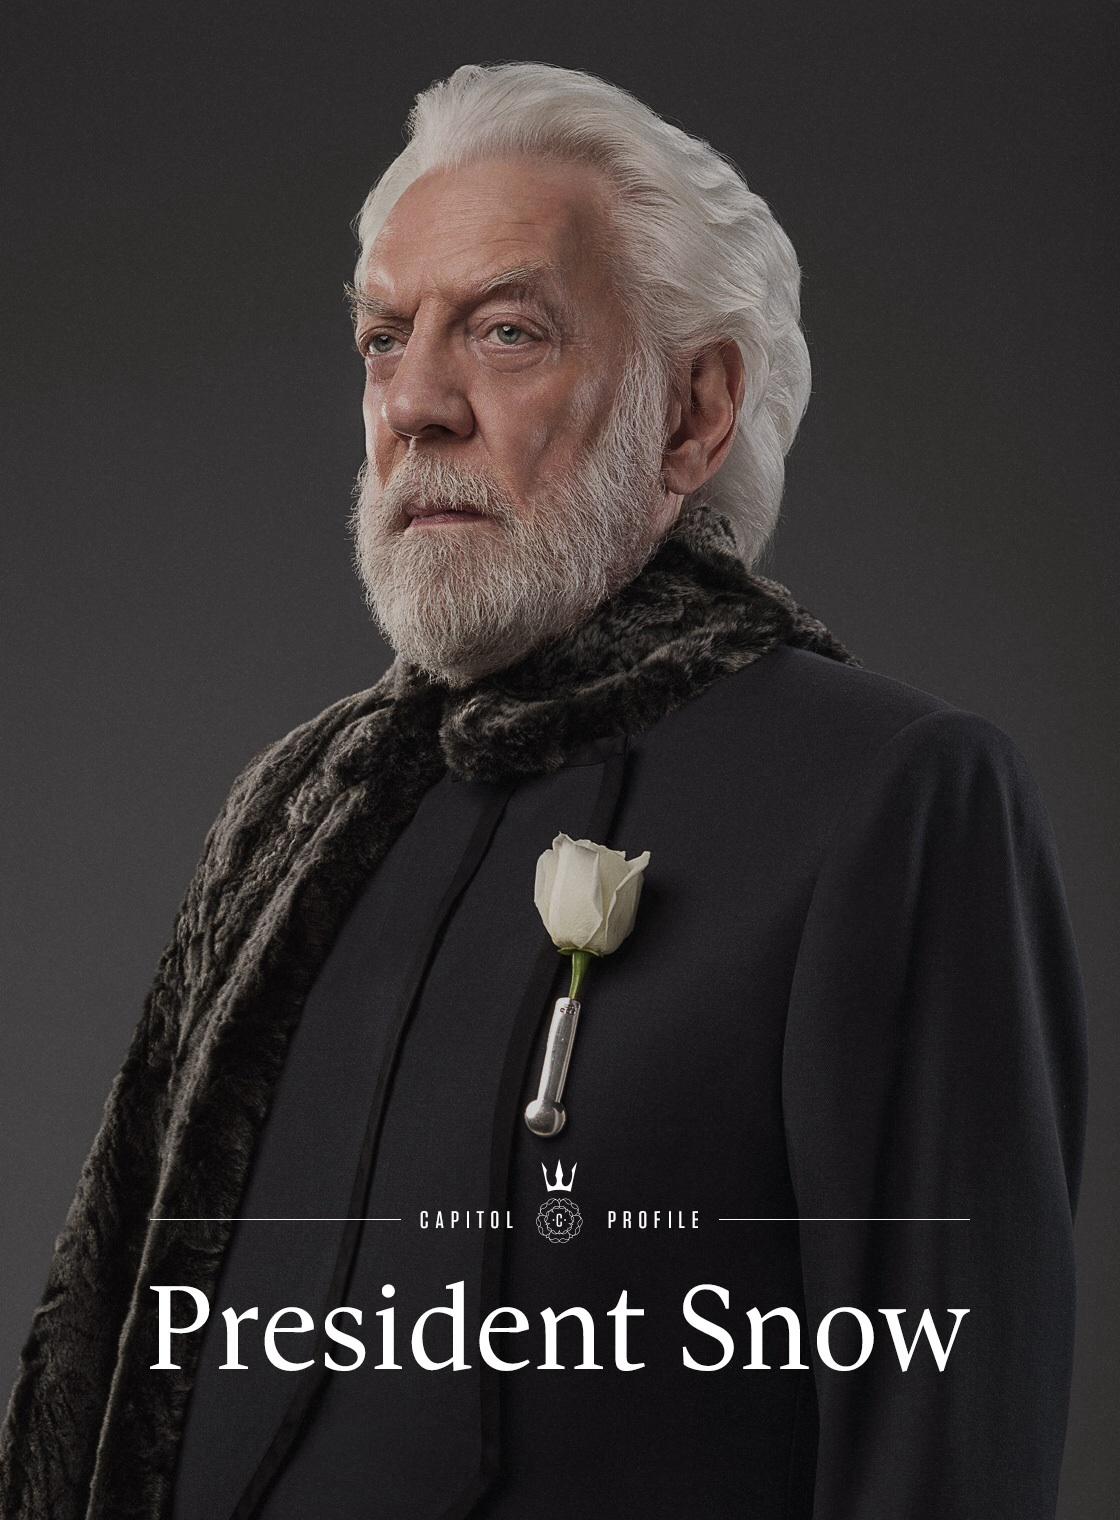 Ordeaux26/Pure Evil Removal - President Coriolanus Snow